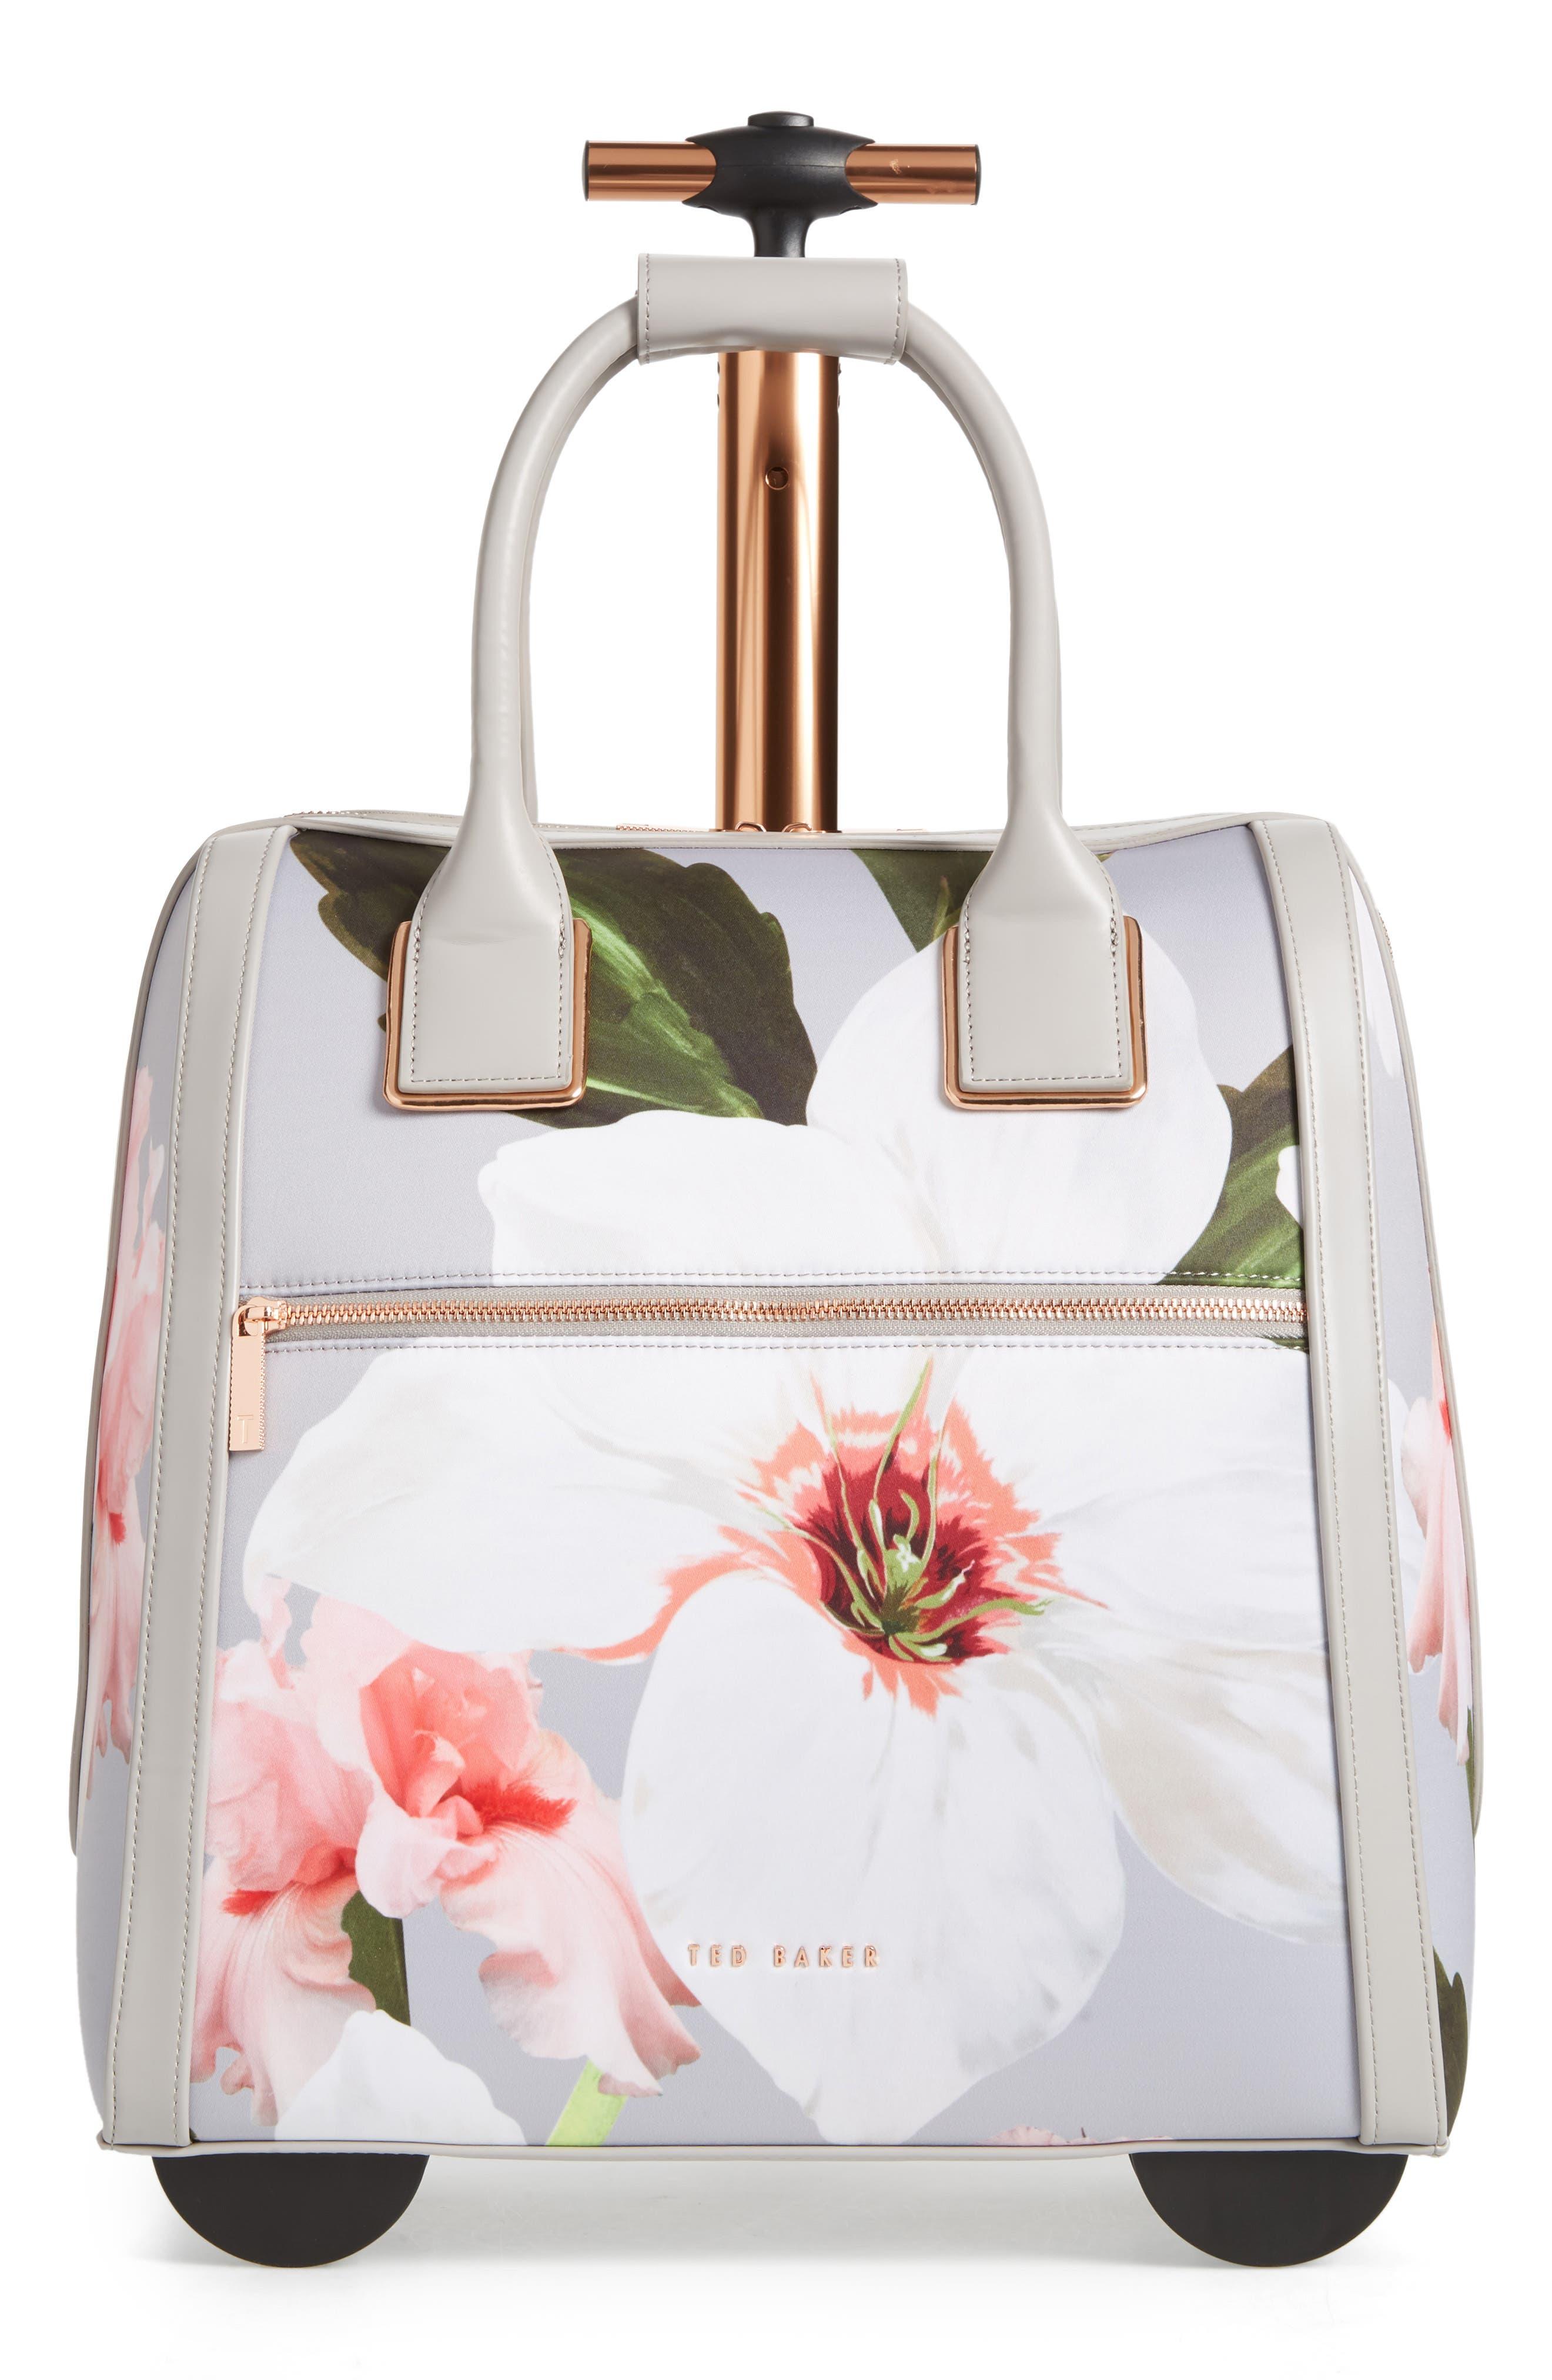 Ordina Chatsworth Bloom Travel Bag,                             Main thumbnail 1, color,                             020